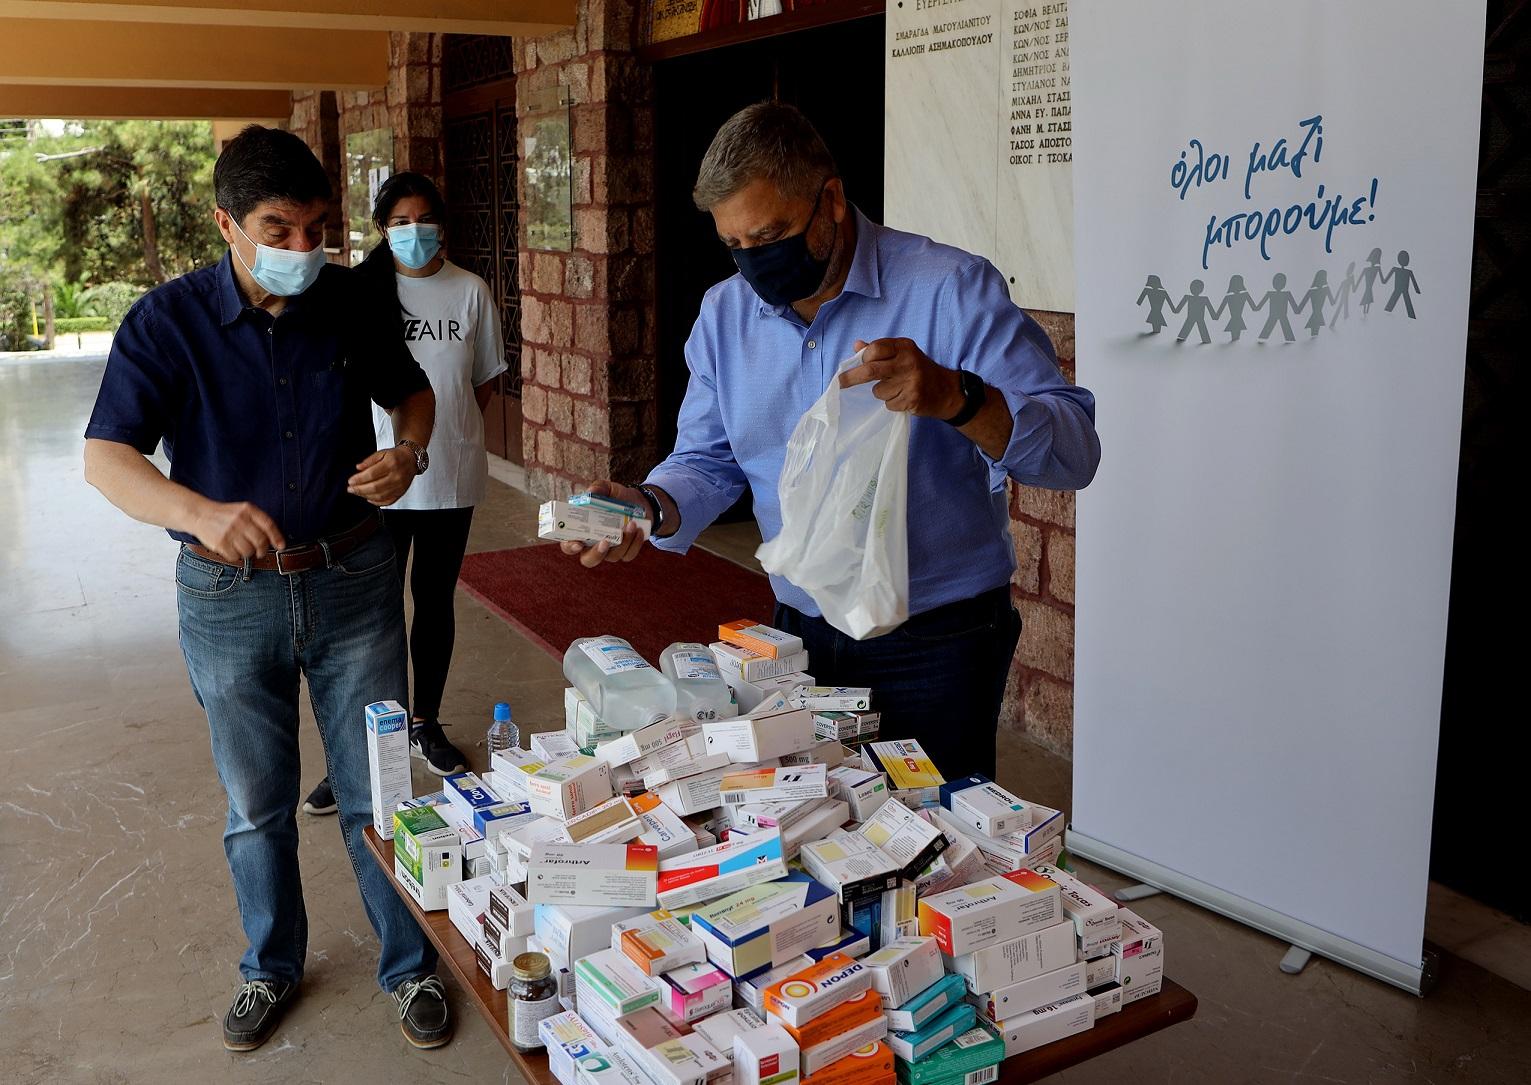 Δεκάδες σακούλες με φάρμακα και υγειονομικό υλικό συγκεντρώθηκαν για τη στήριξη των ανήμπορων συμπολιτών μας